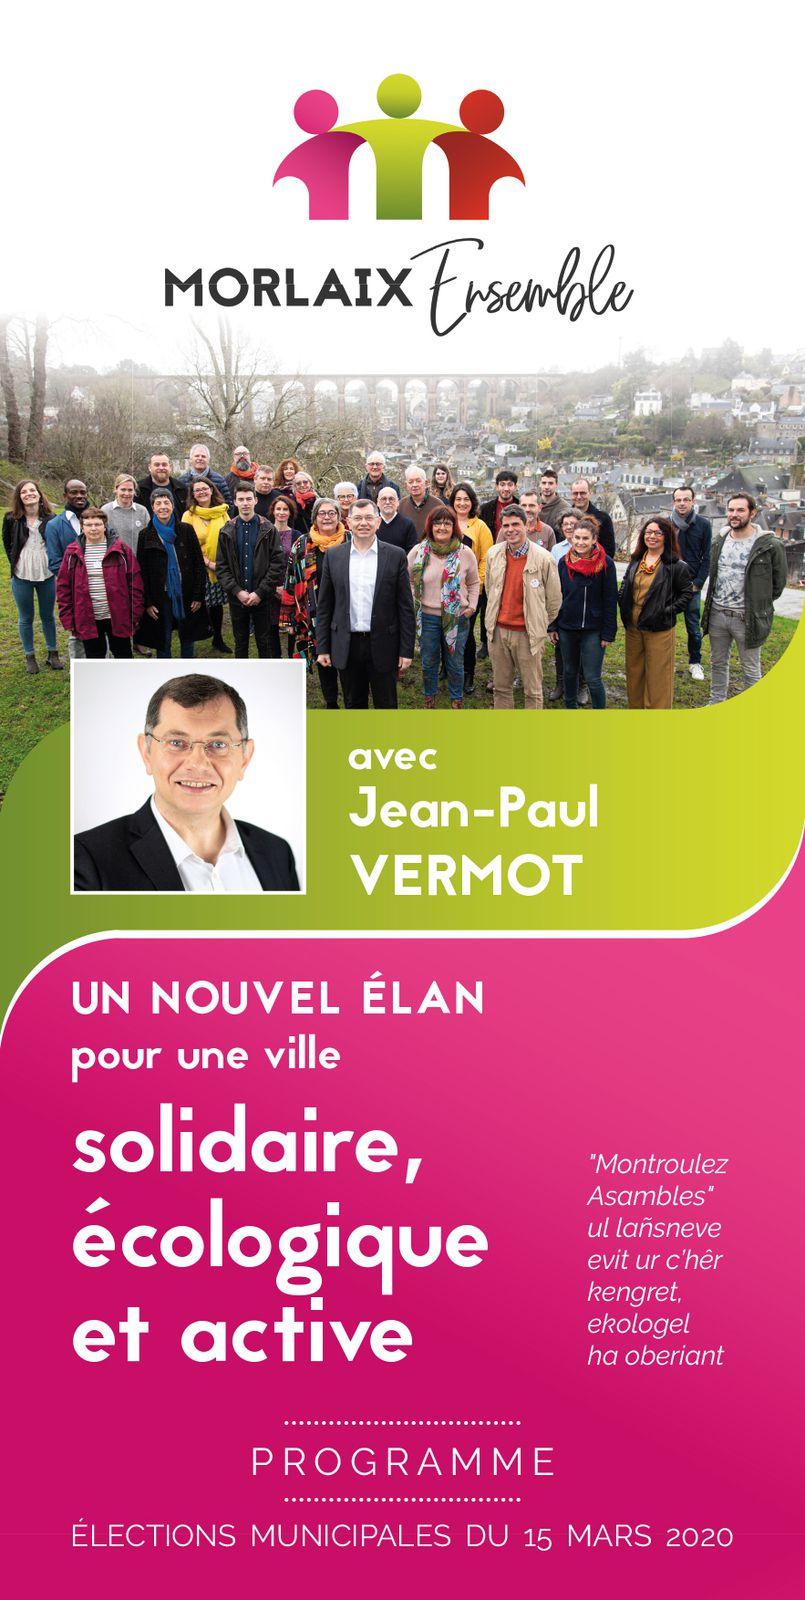 Le programme de Morlaix Ensemble - Pour une ville solidaire, écologique, active